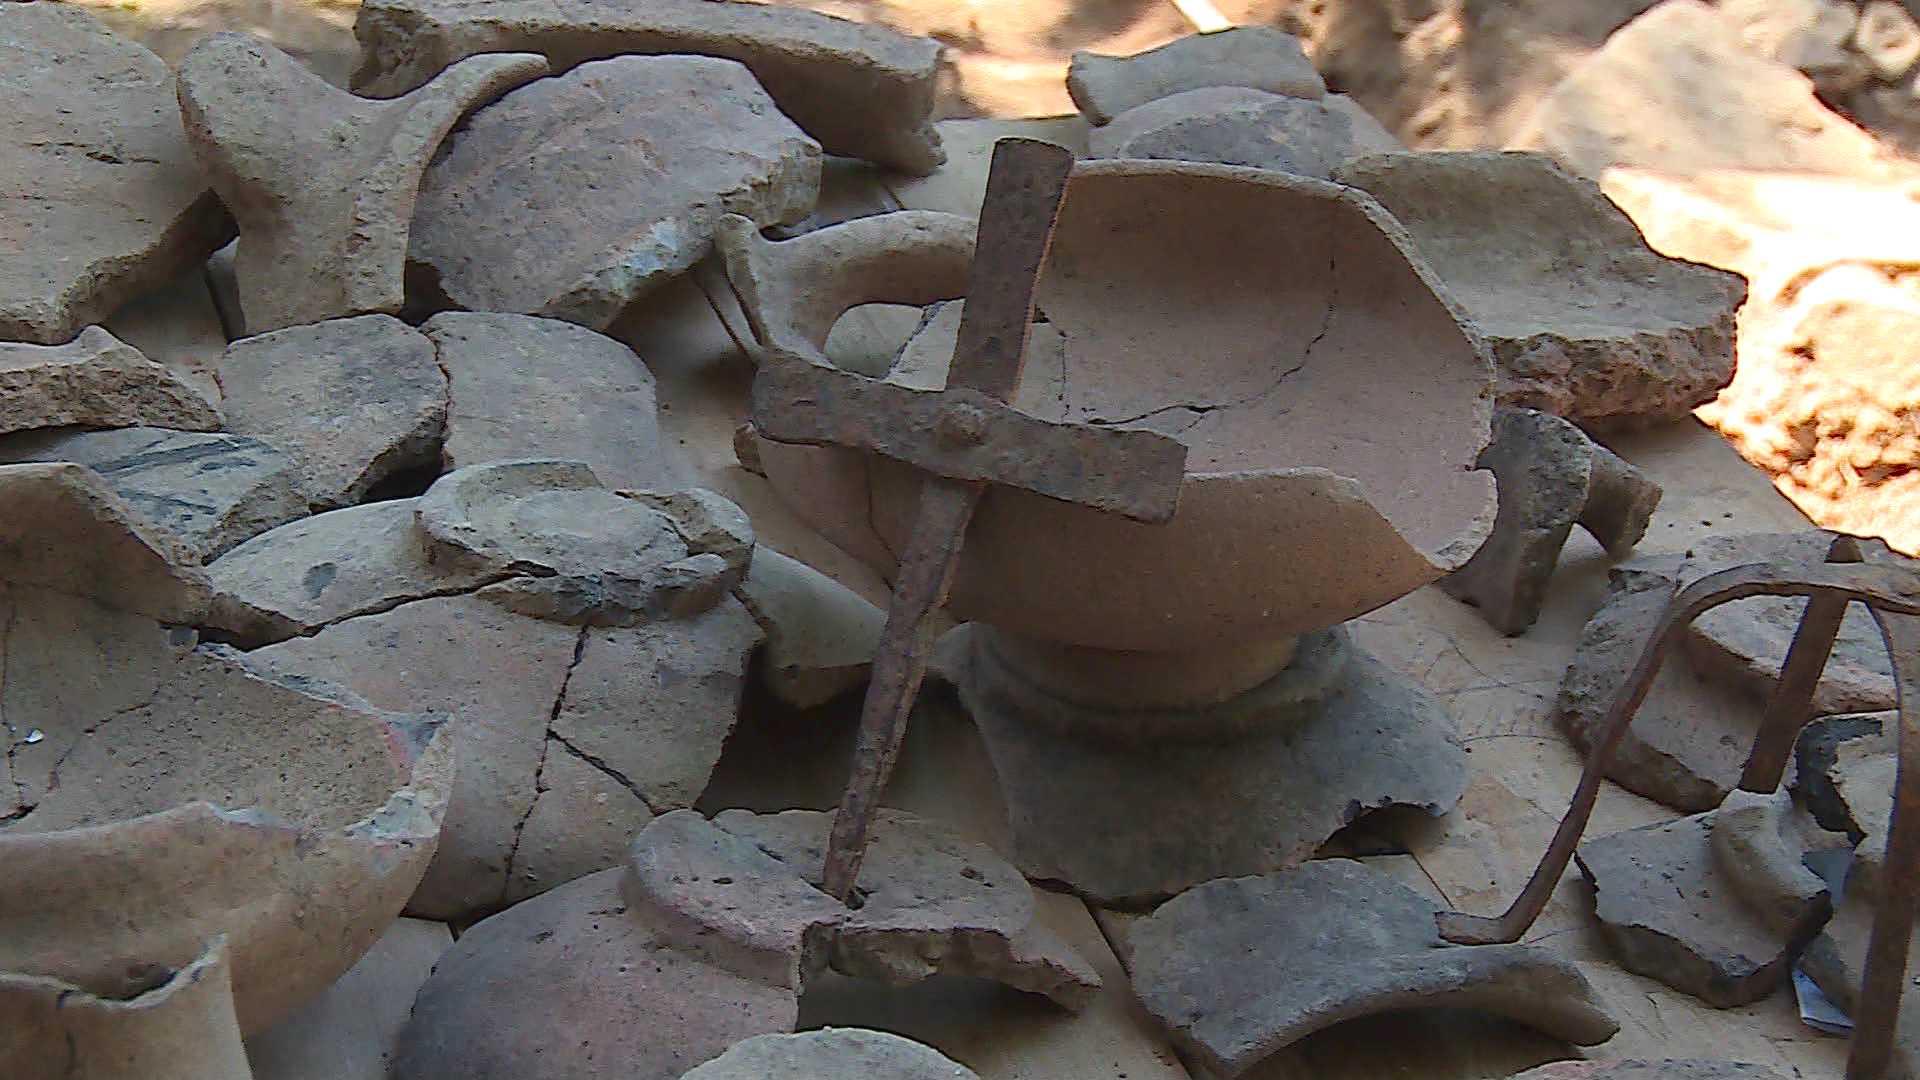 უნიკალური არქეოლოგიური აღმოჩენა შუახევში